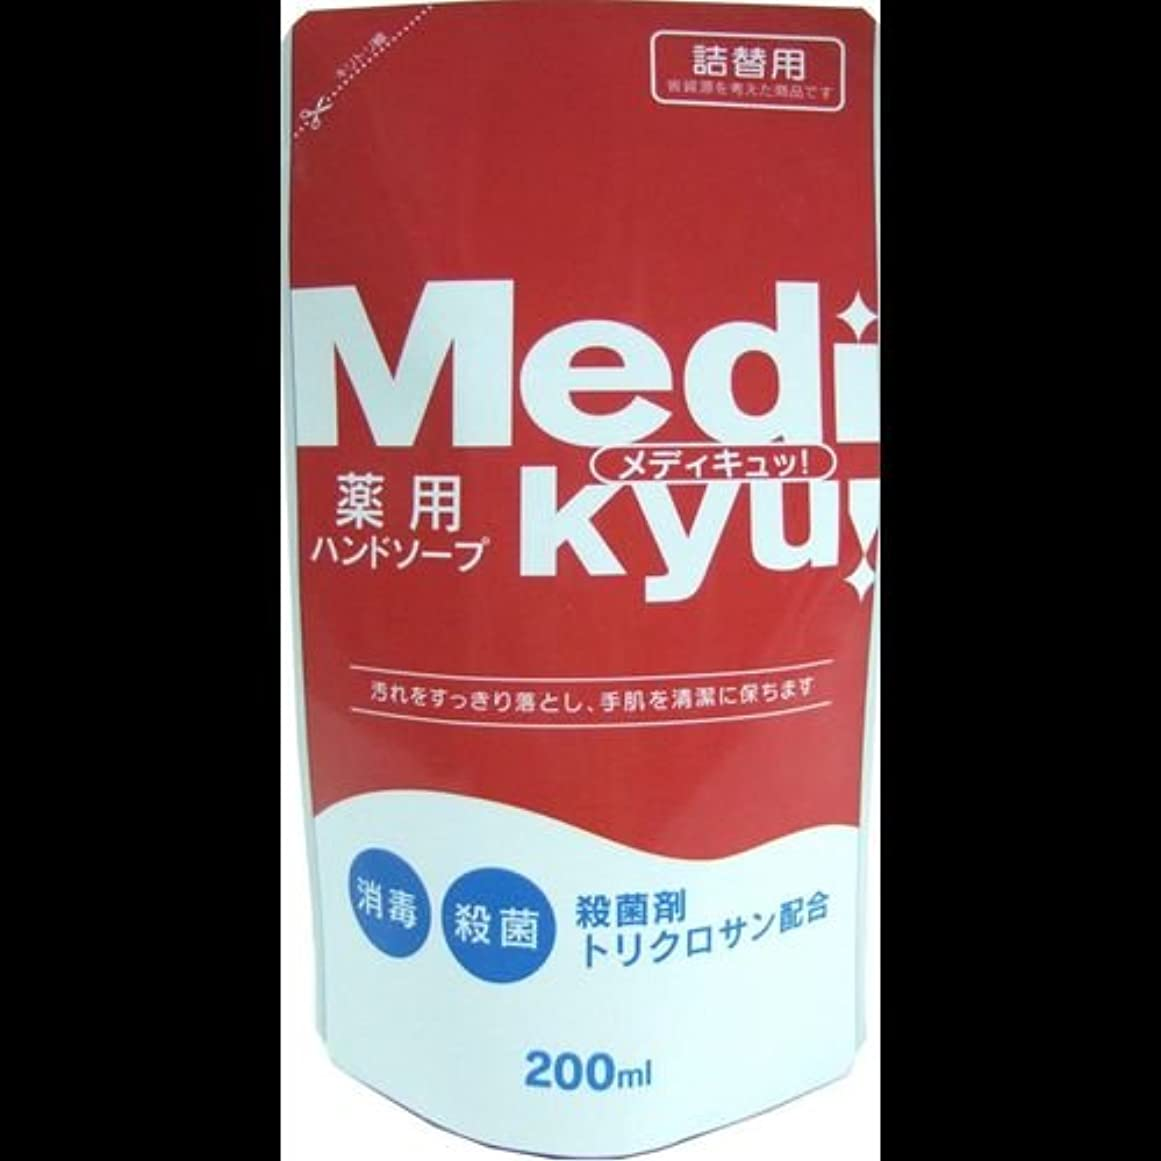 ヒール借りる臭い【まとめ買い】薬用ハンドソープ メディキュッ 詰替用 200ml ×2セット